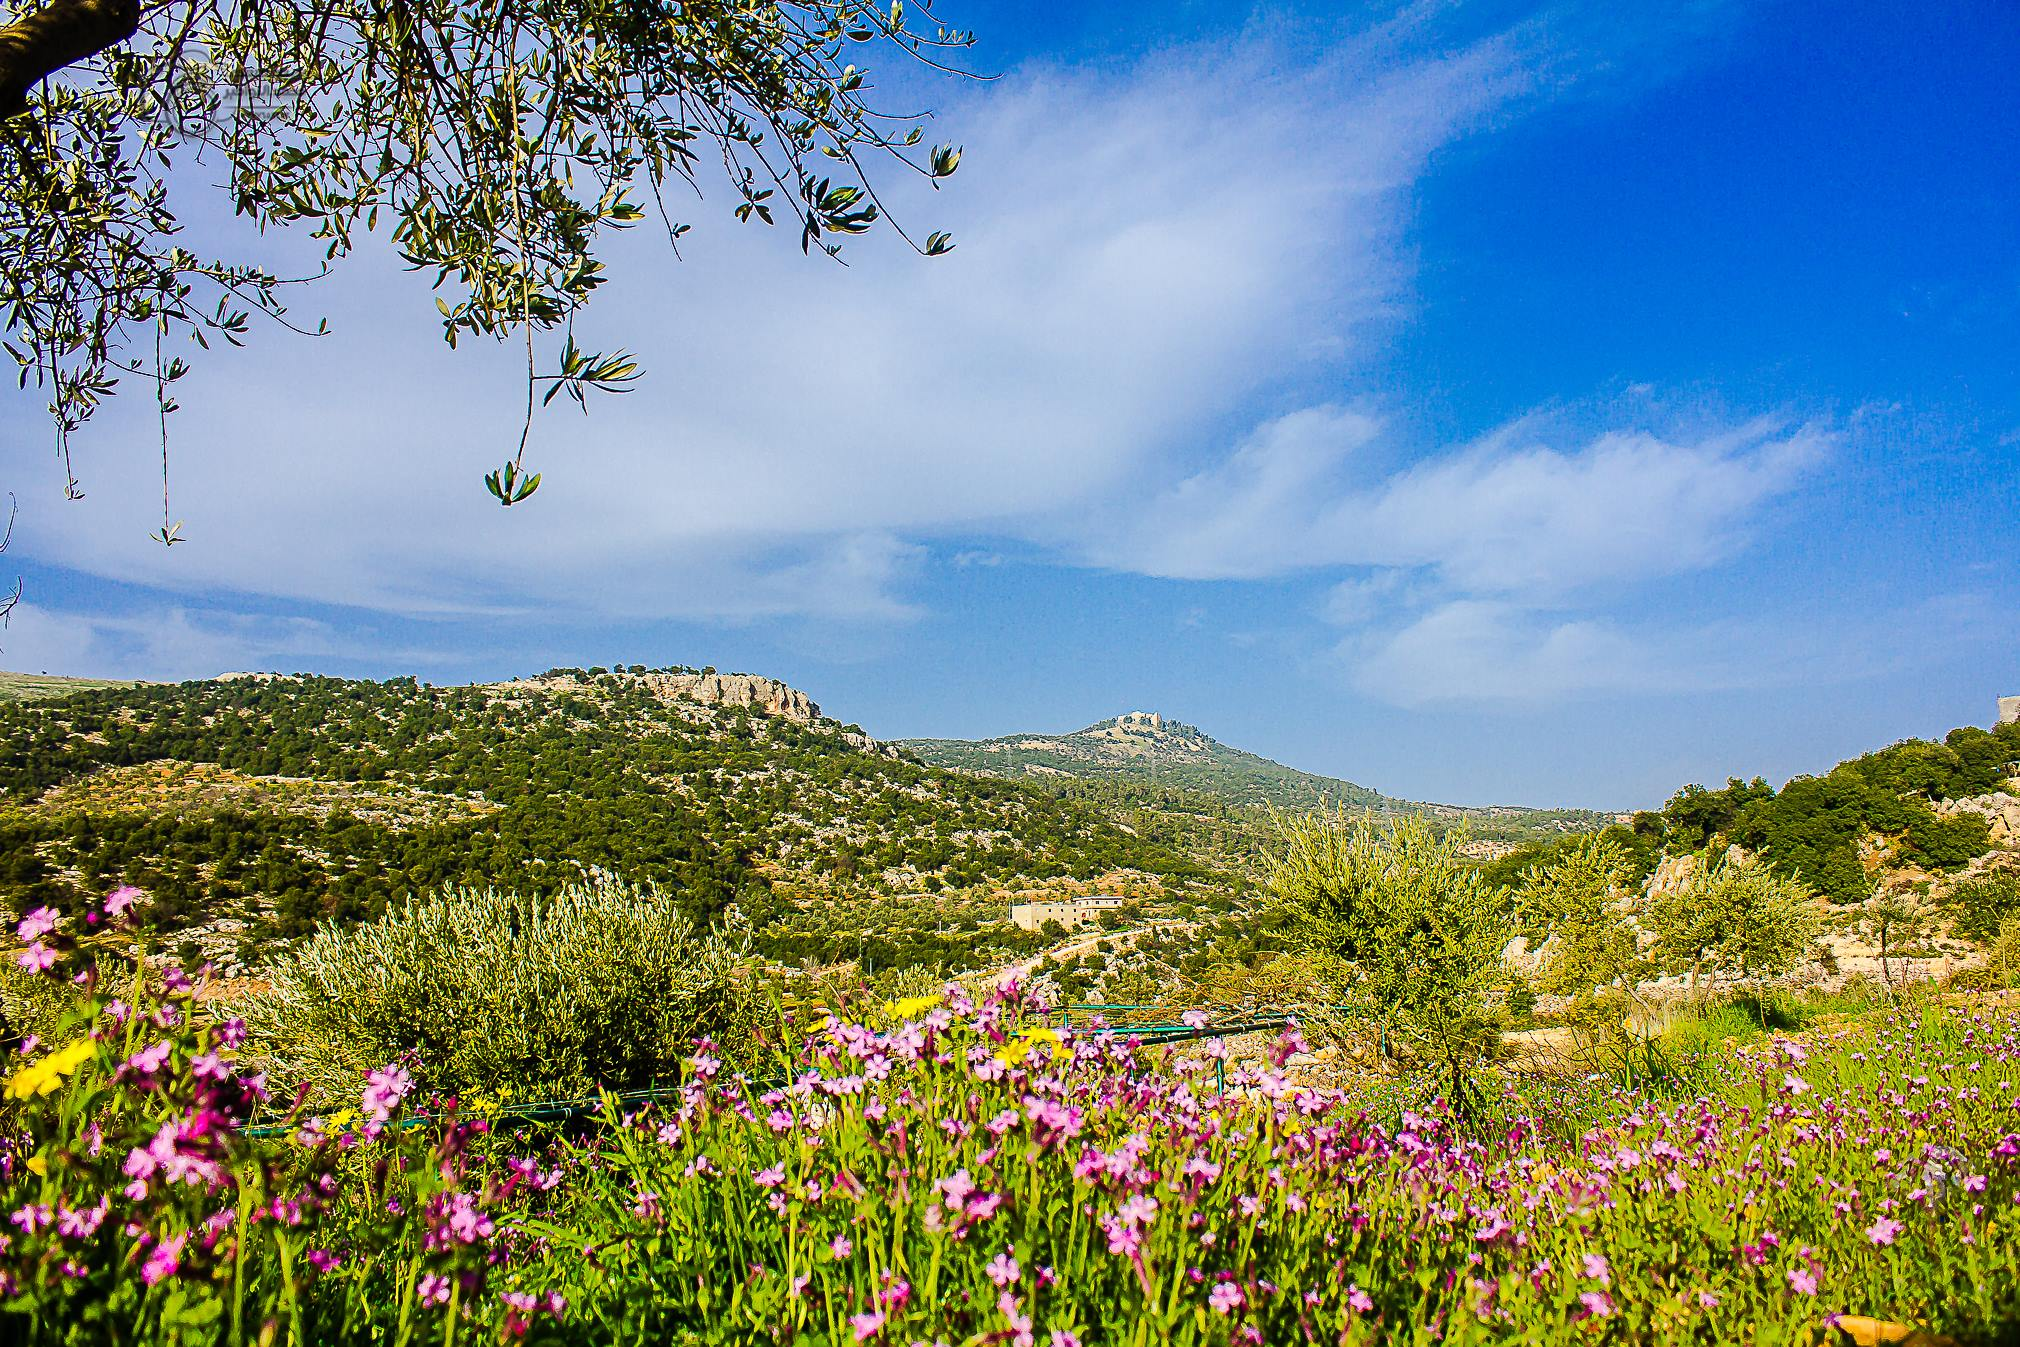 الخميس  ..  طقس ربيعي ودافئ في اغلب مناطق المملكة